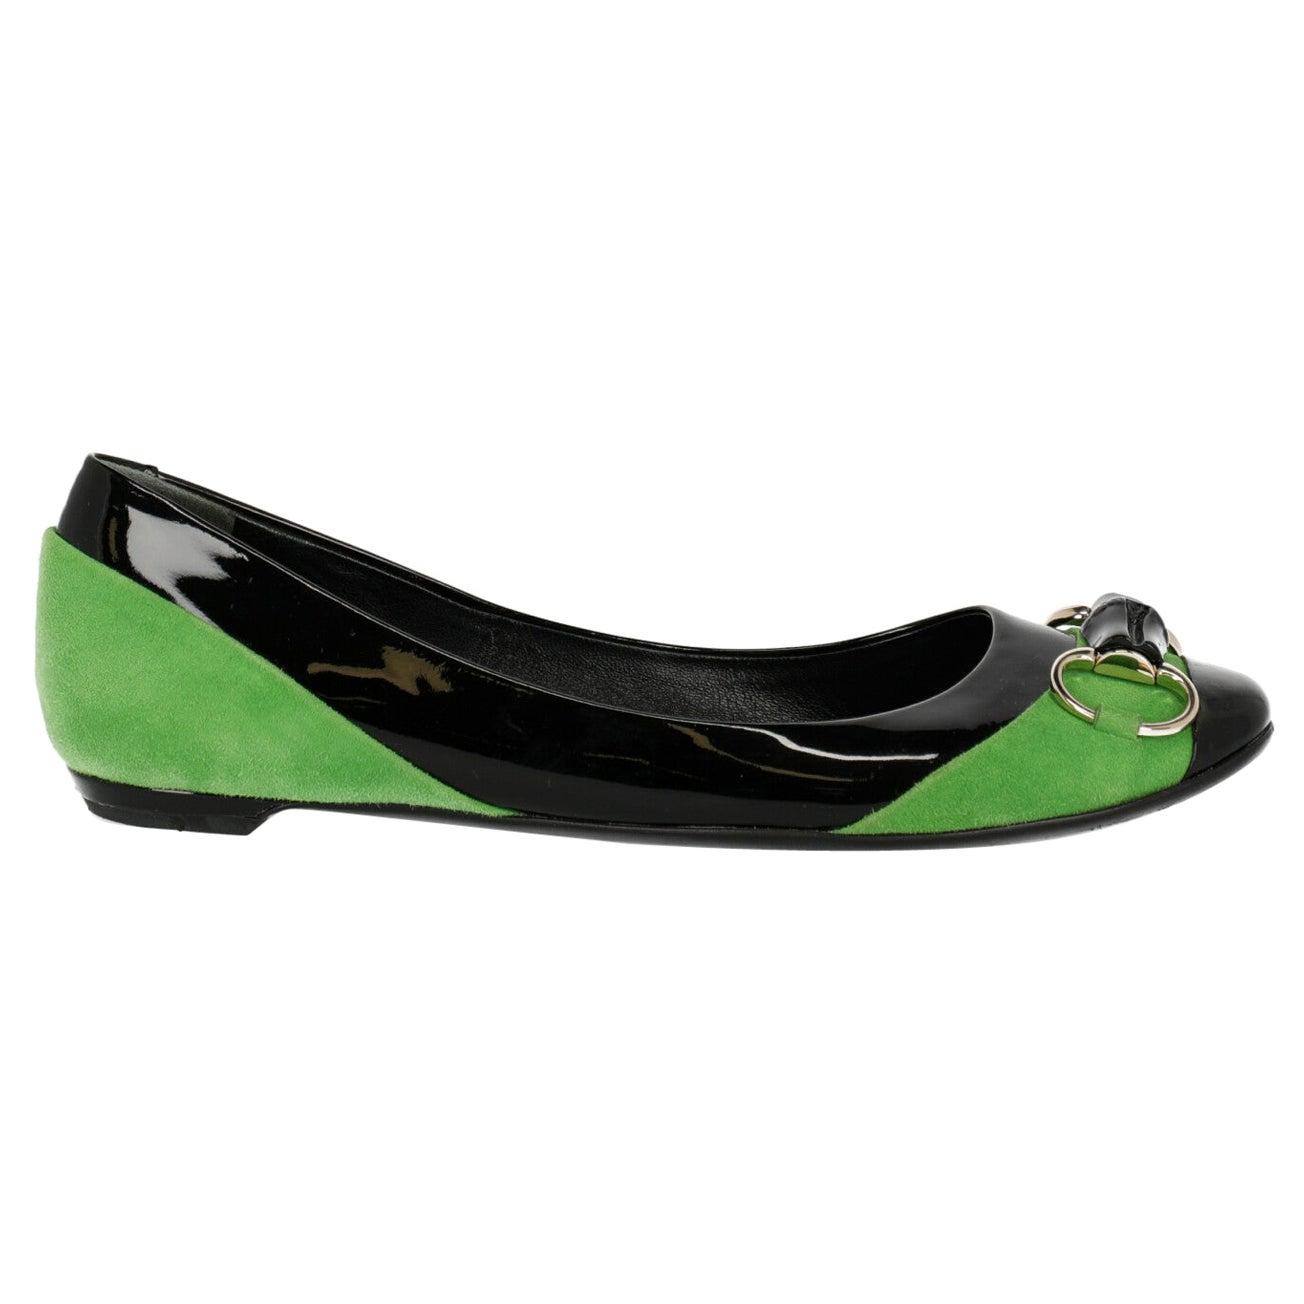 Gucci Woman Ballet flats Black, Green EU 38